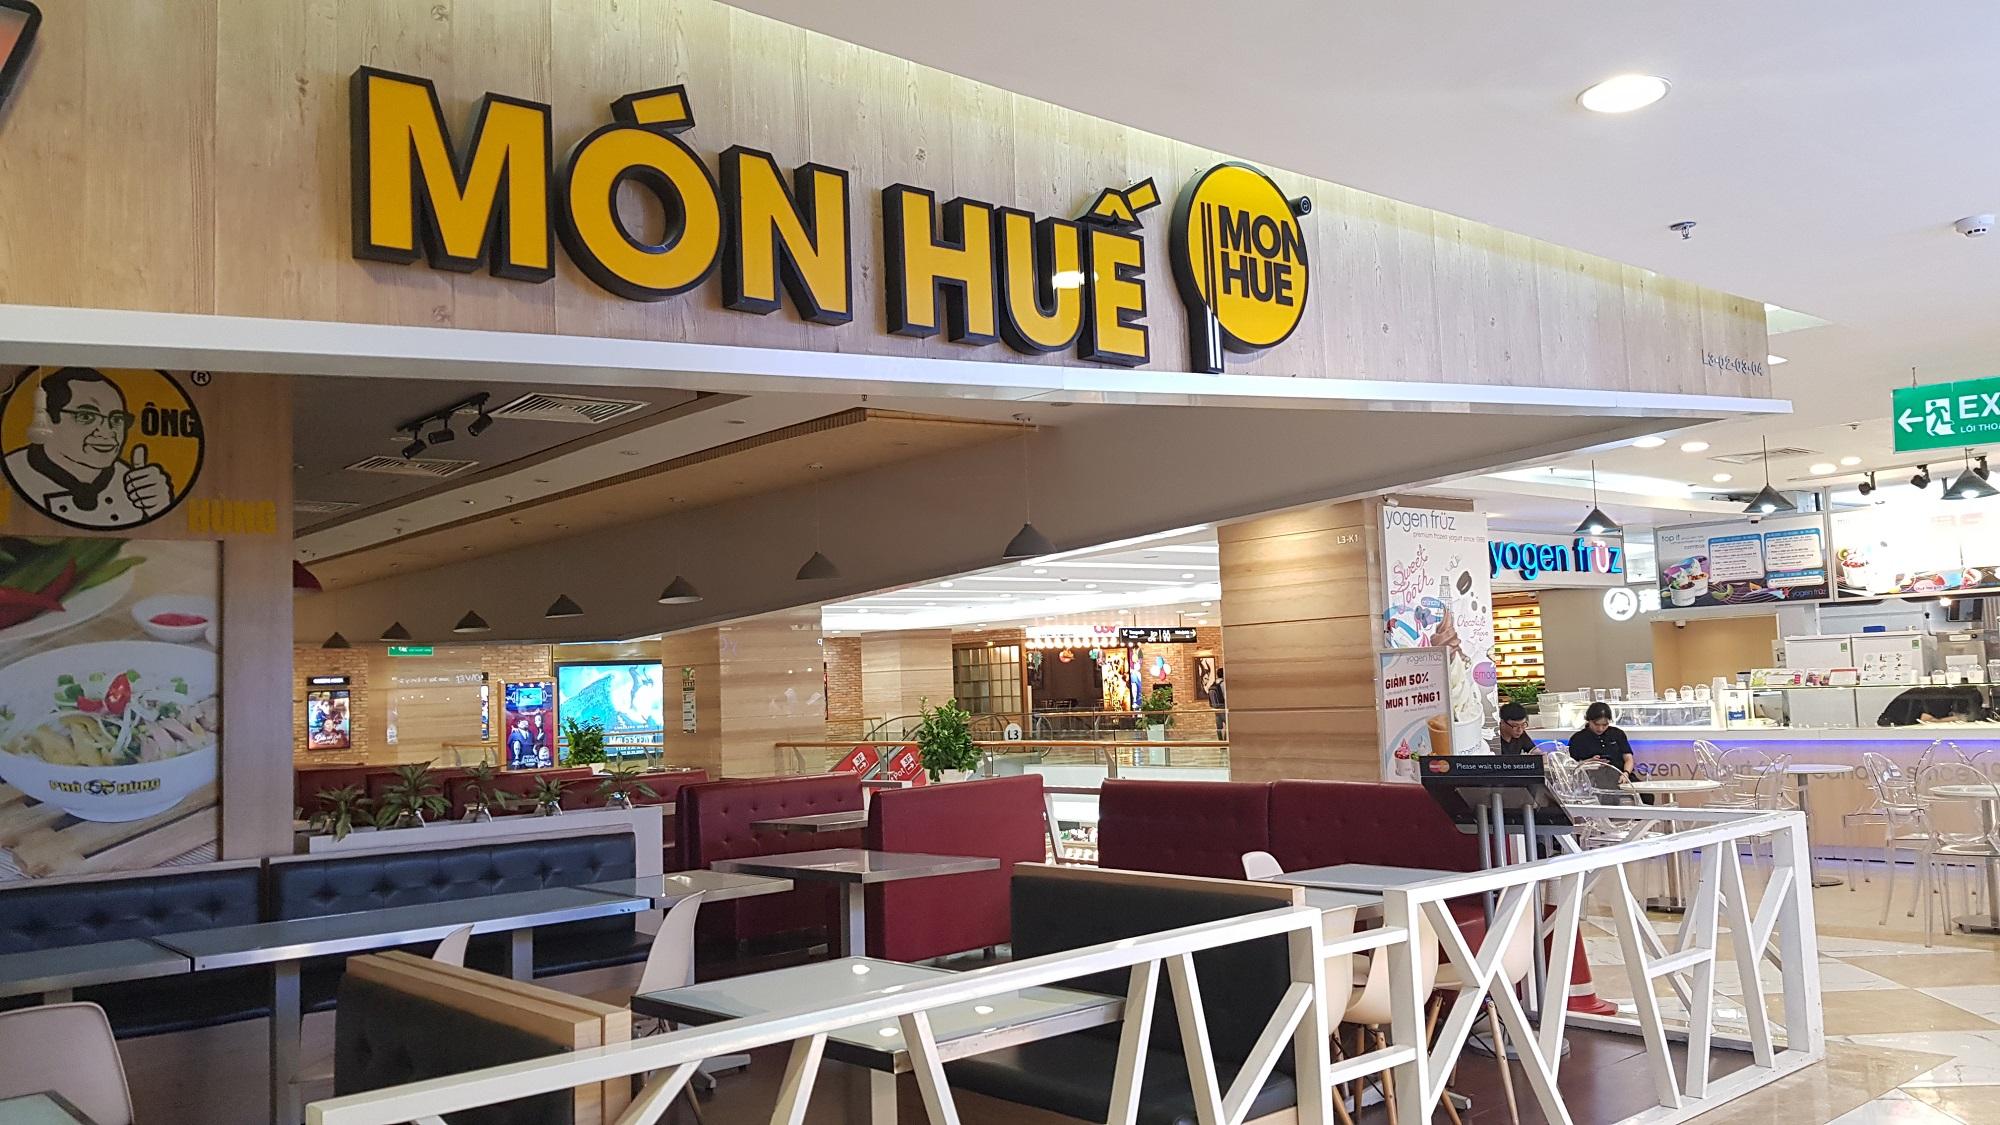 Hàng loạt cửa hàng Món Huế, Phở Ông Hùng đóng cửa, tìm người thuê mới tại Hà Nội, TP HCM